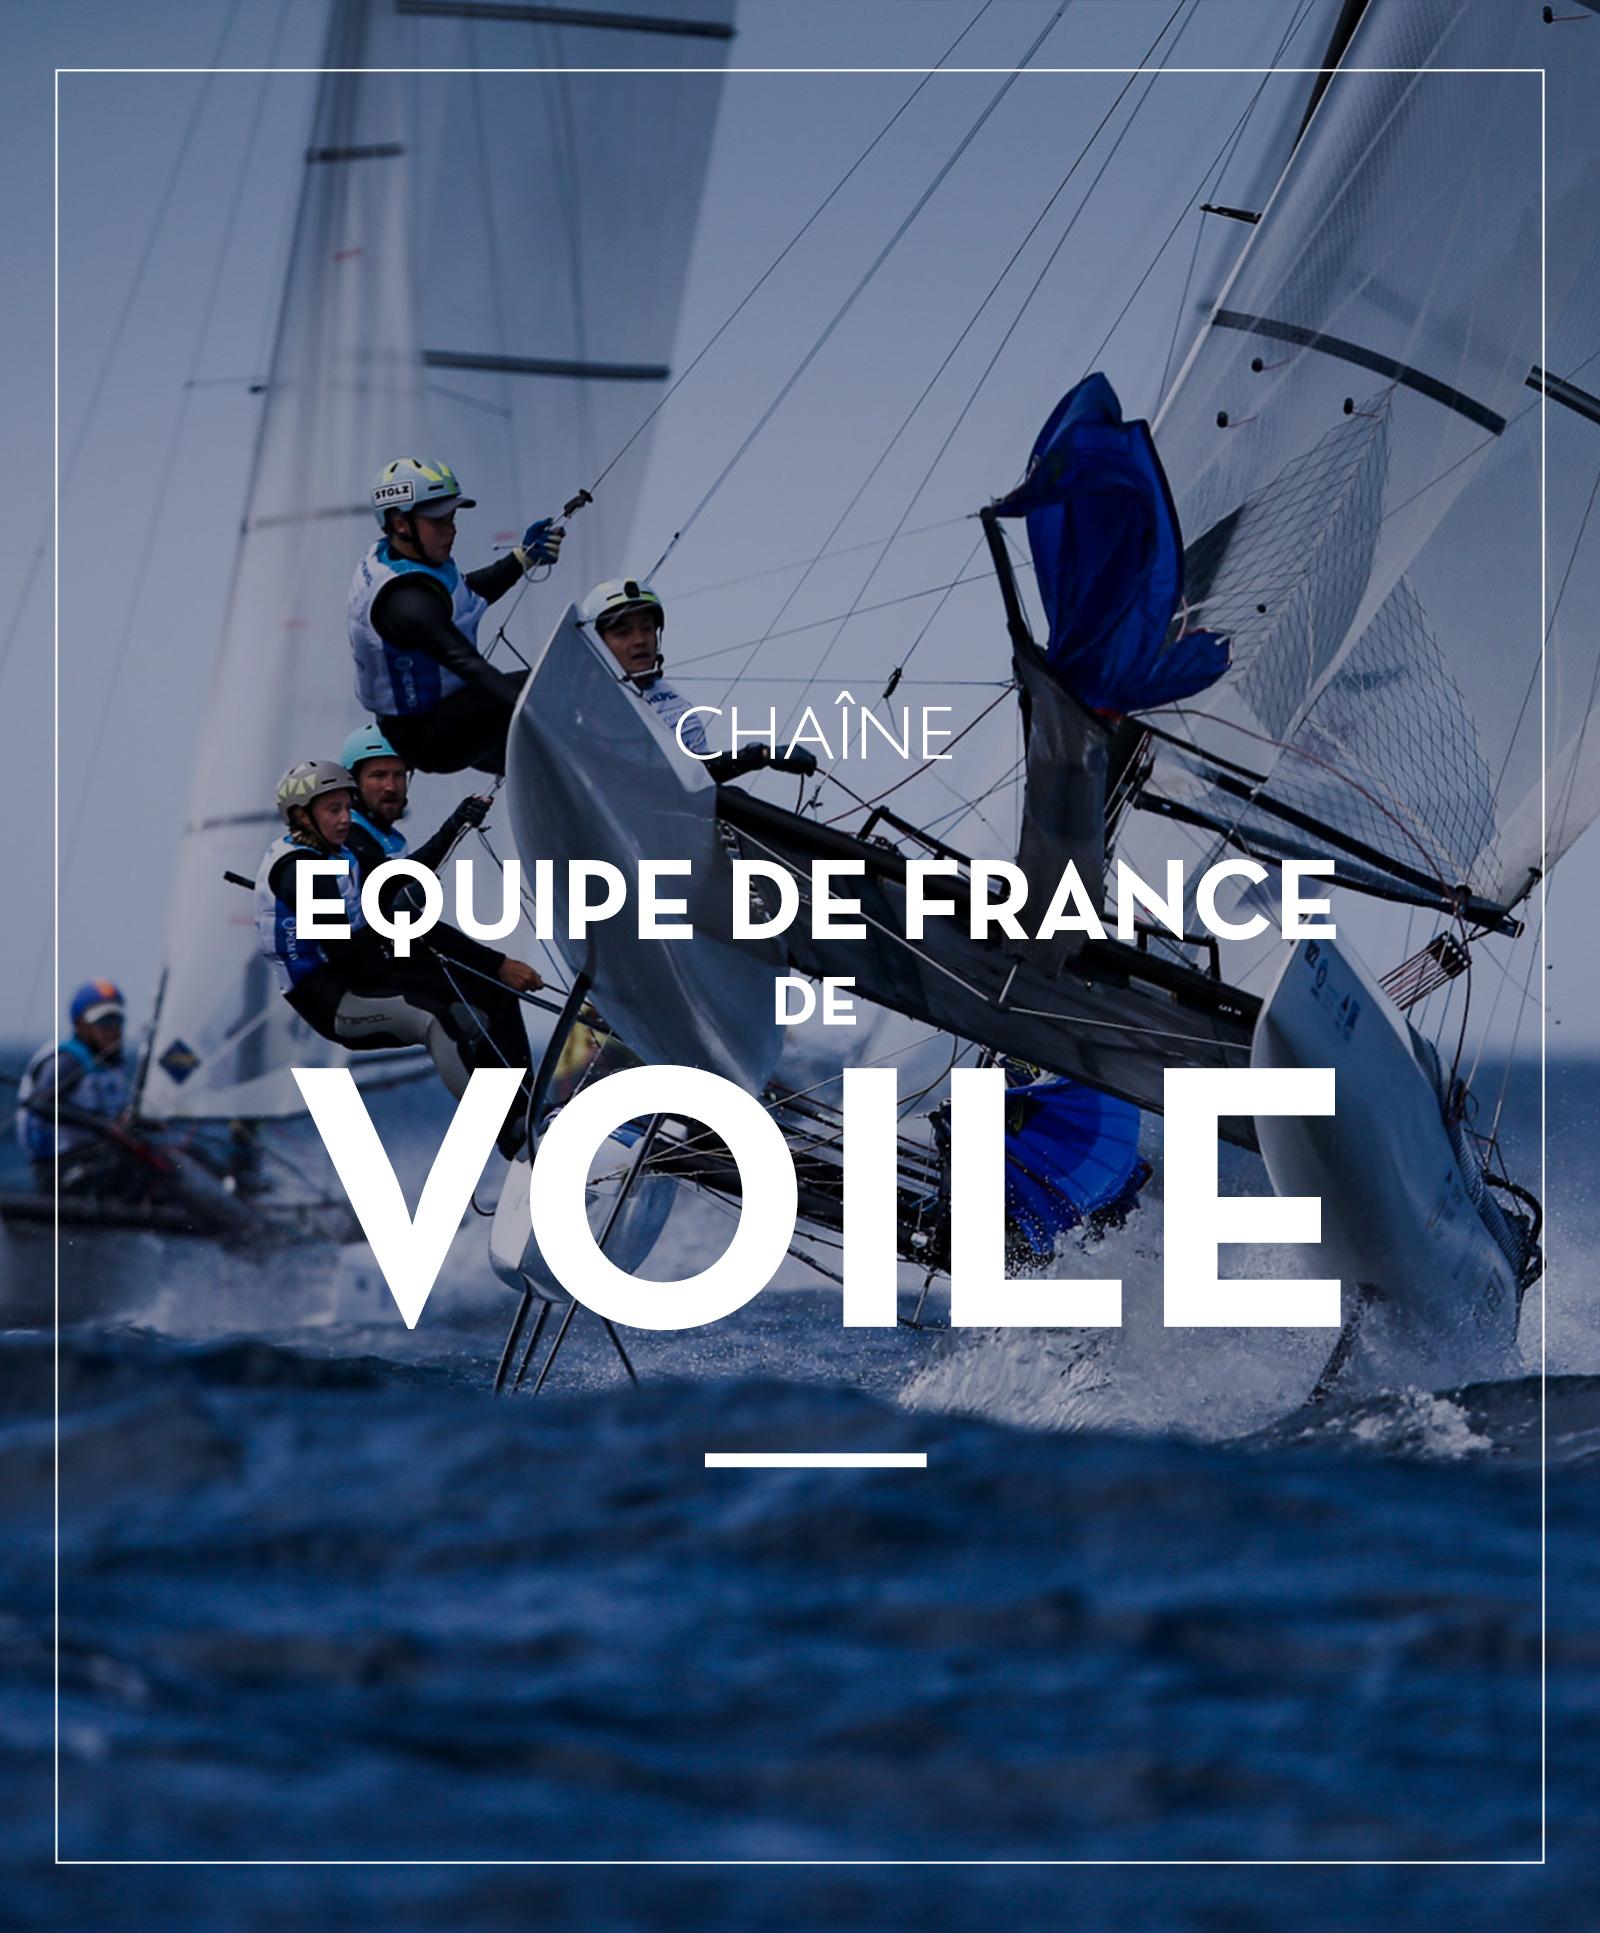 chaine EQUIPE DE FRANCE DE VOILE